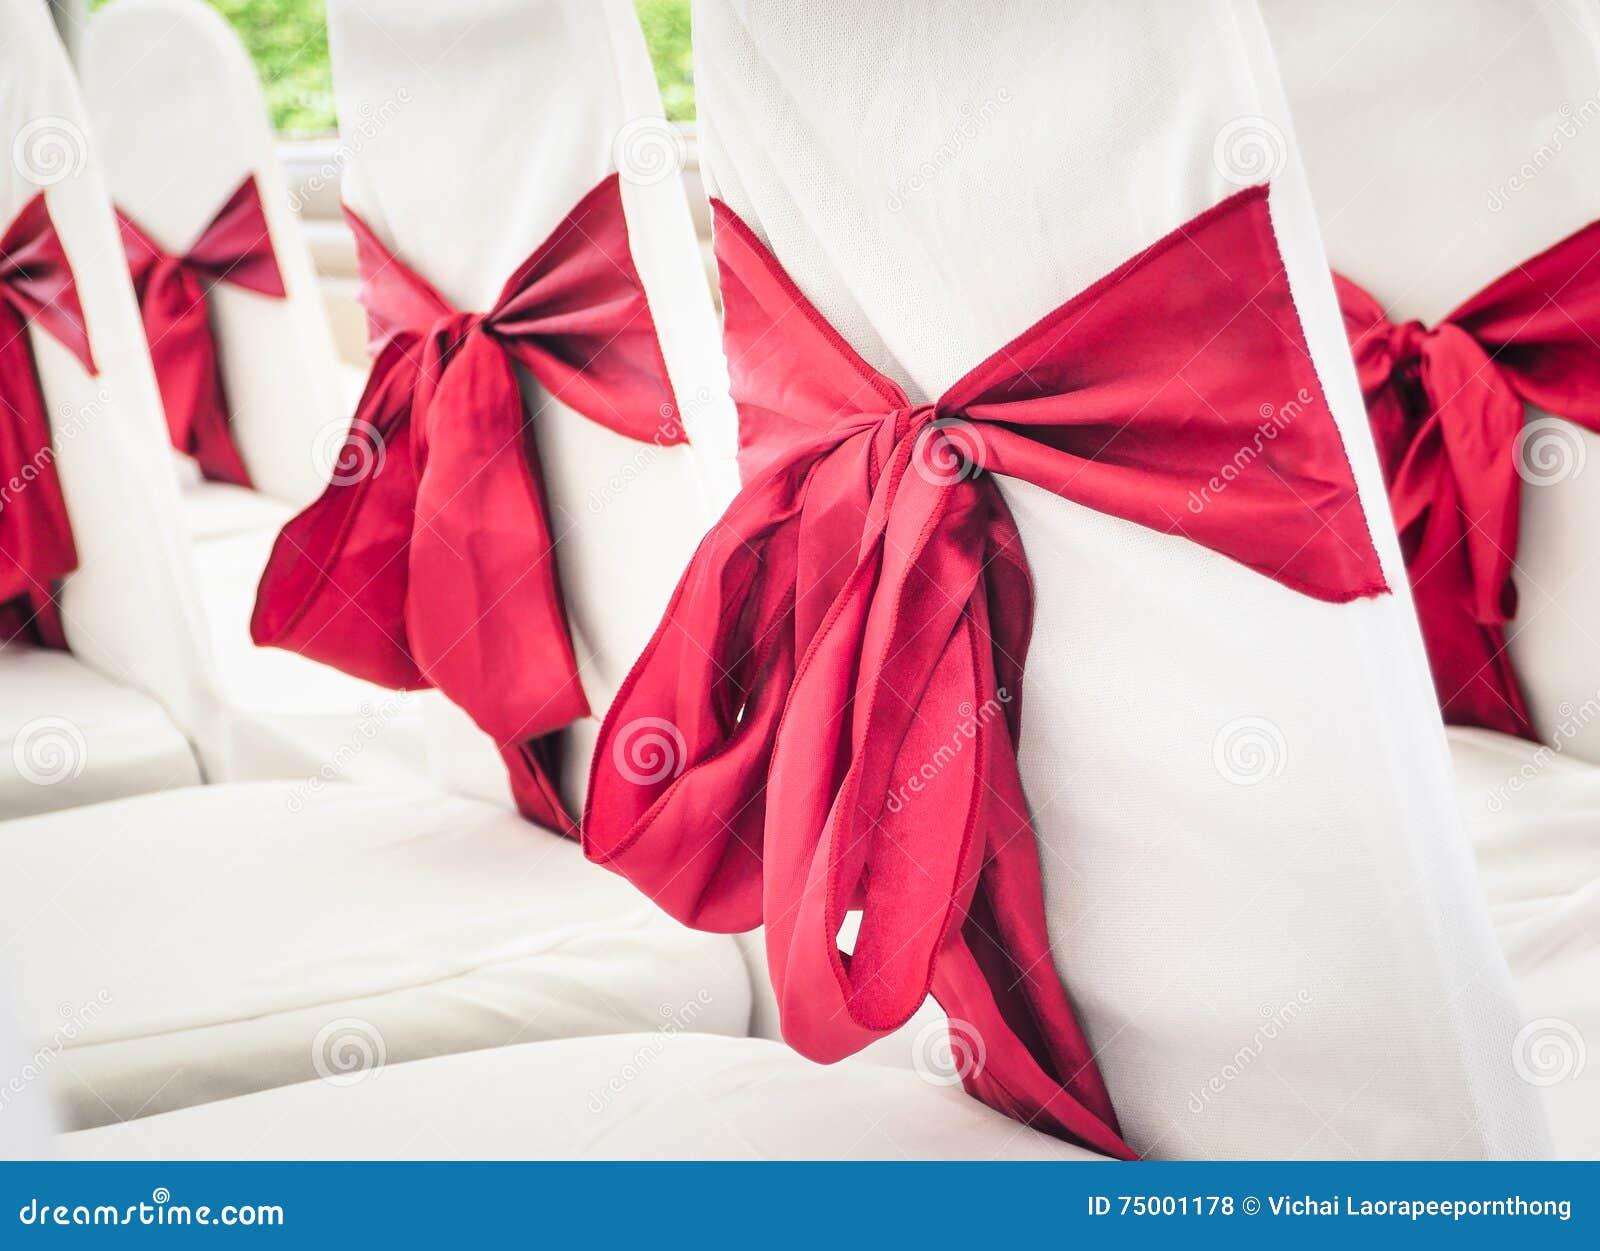 De stoelendecoratie van het huwelijk